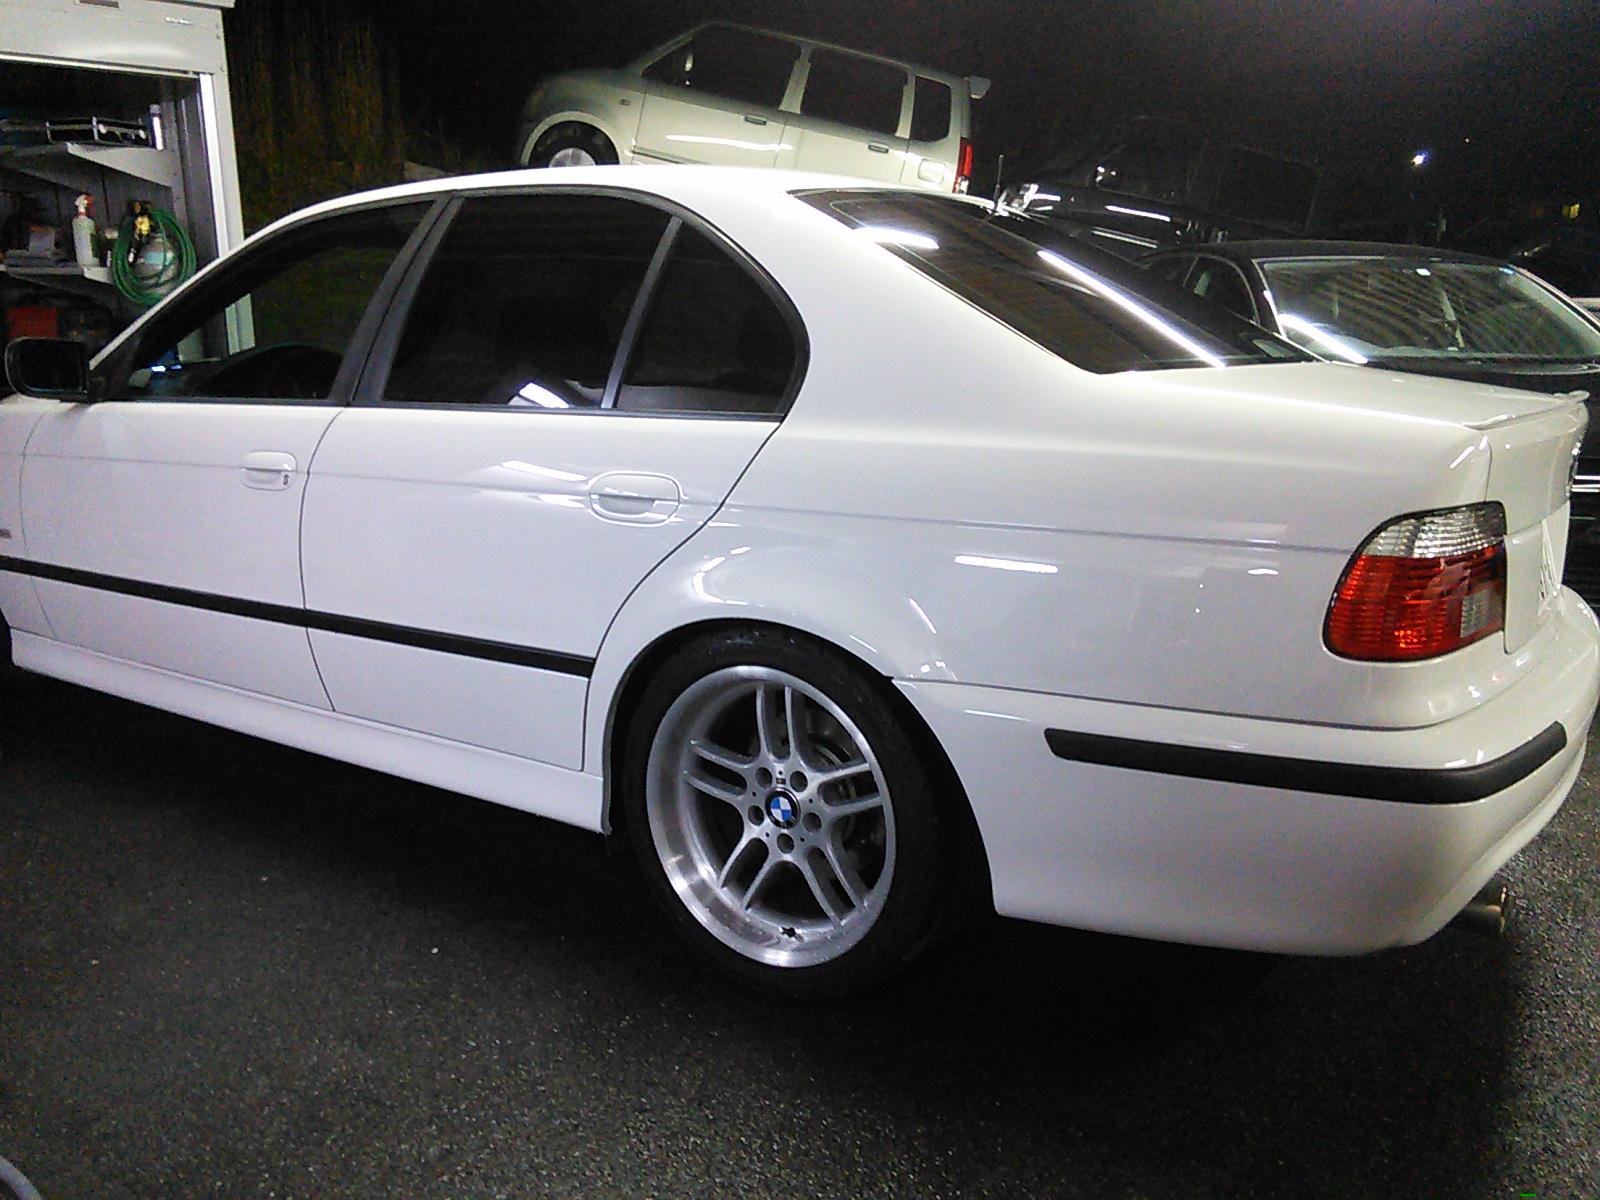 BMW  E39 リアクオーター リアバンパー修理ついでにプチレストア  豊田市  板金塗装